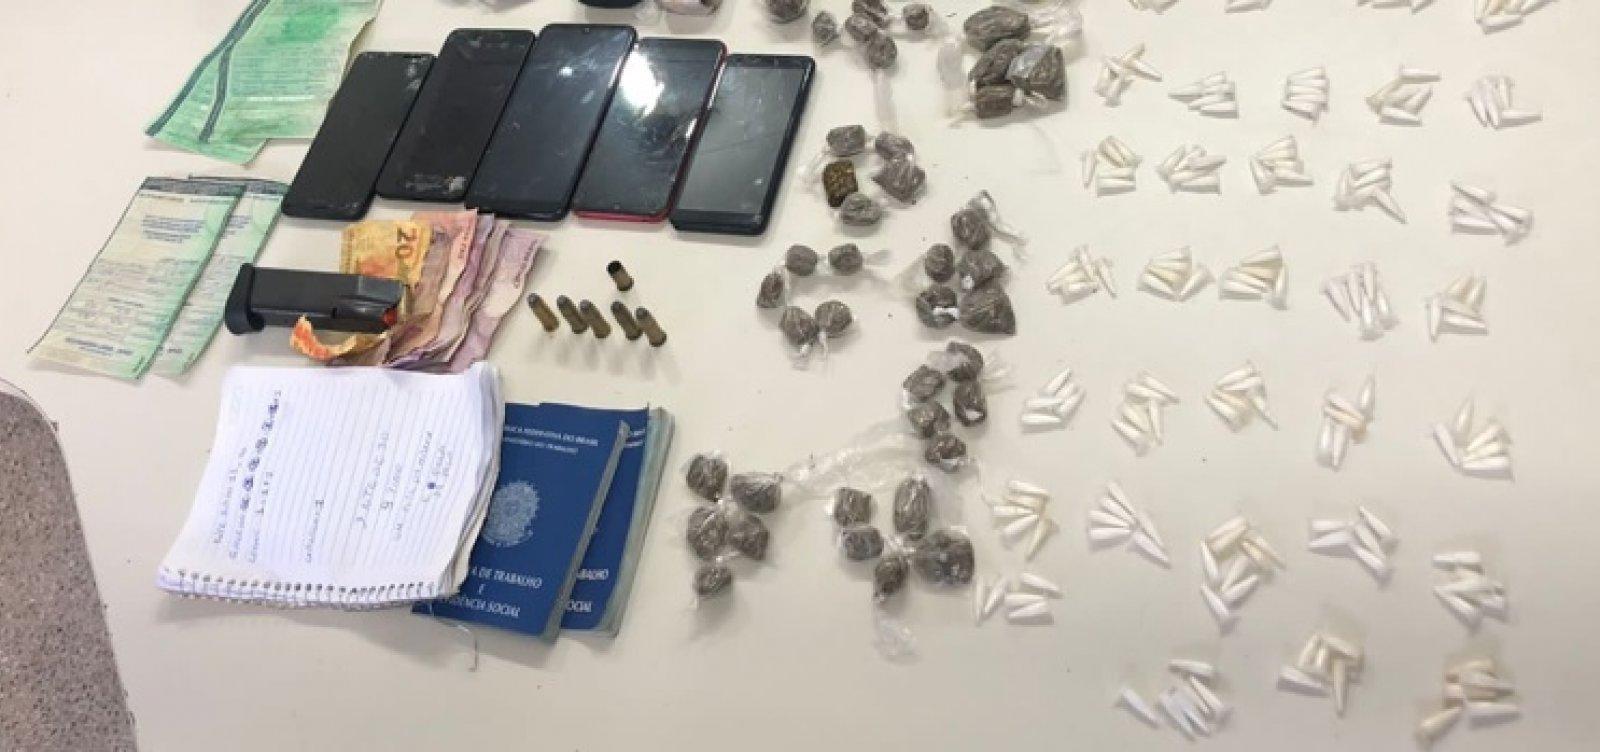 Suspeito de tráfico é preso com arma e 200 porções de cocaína em Simões Filho